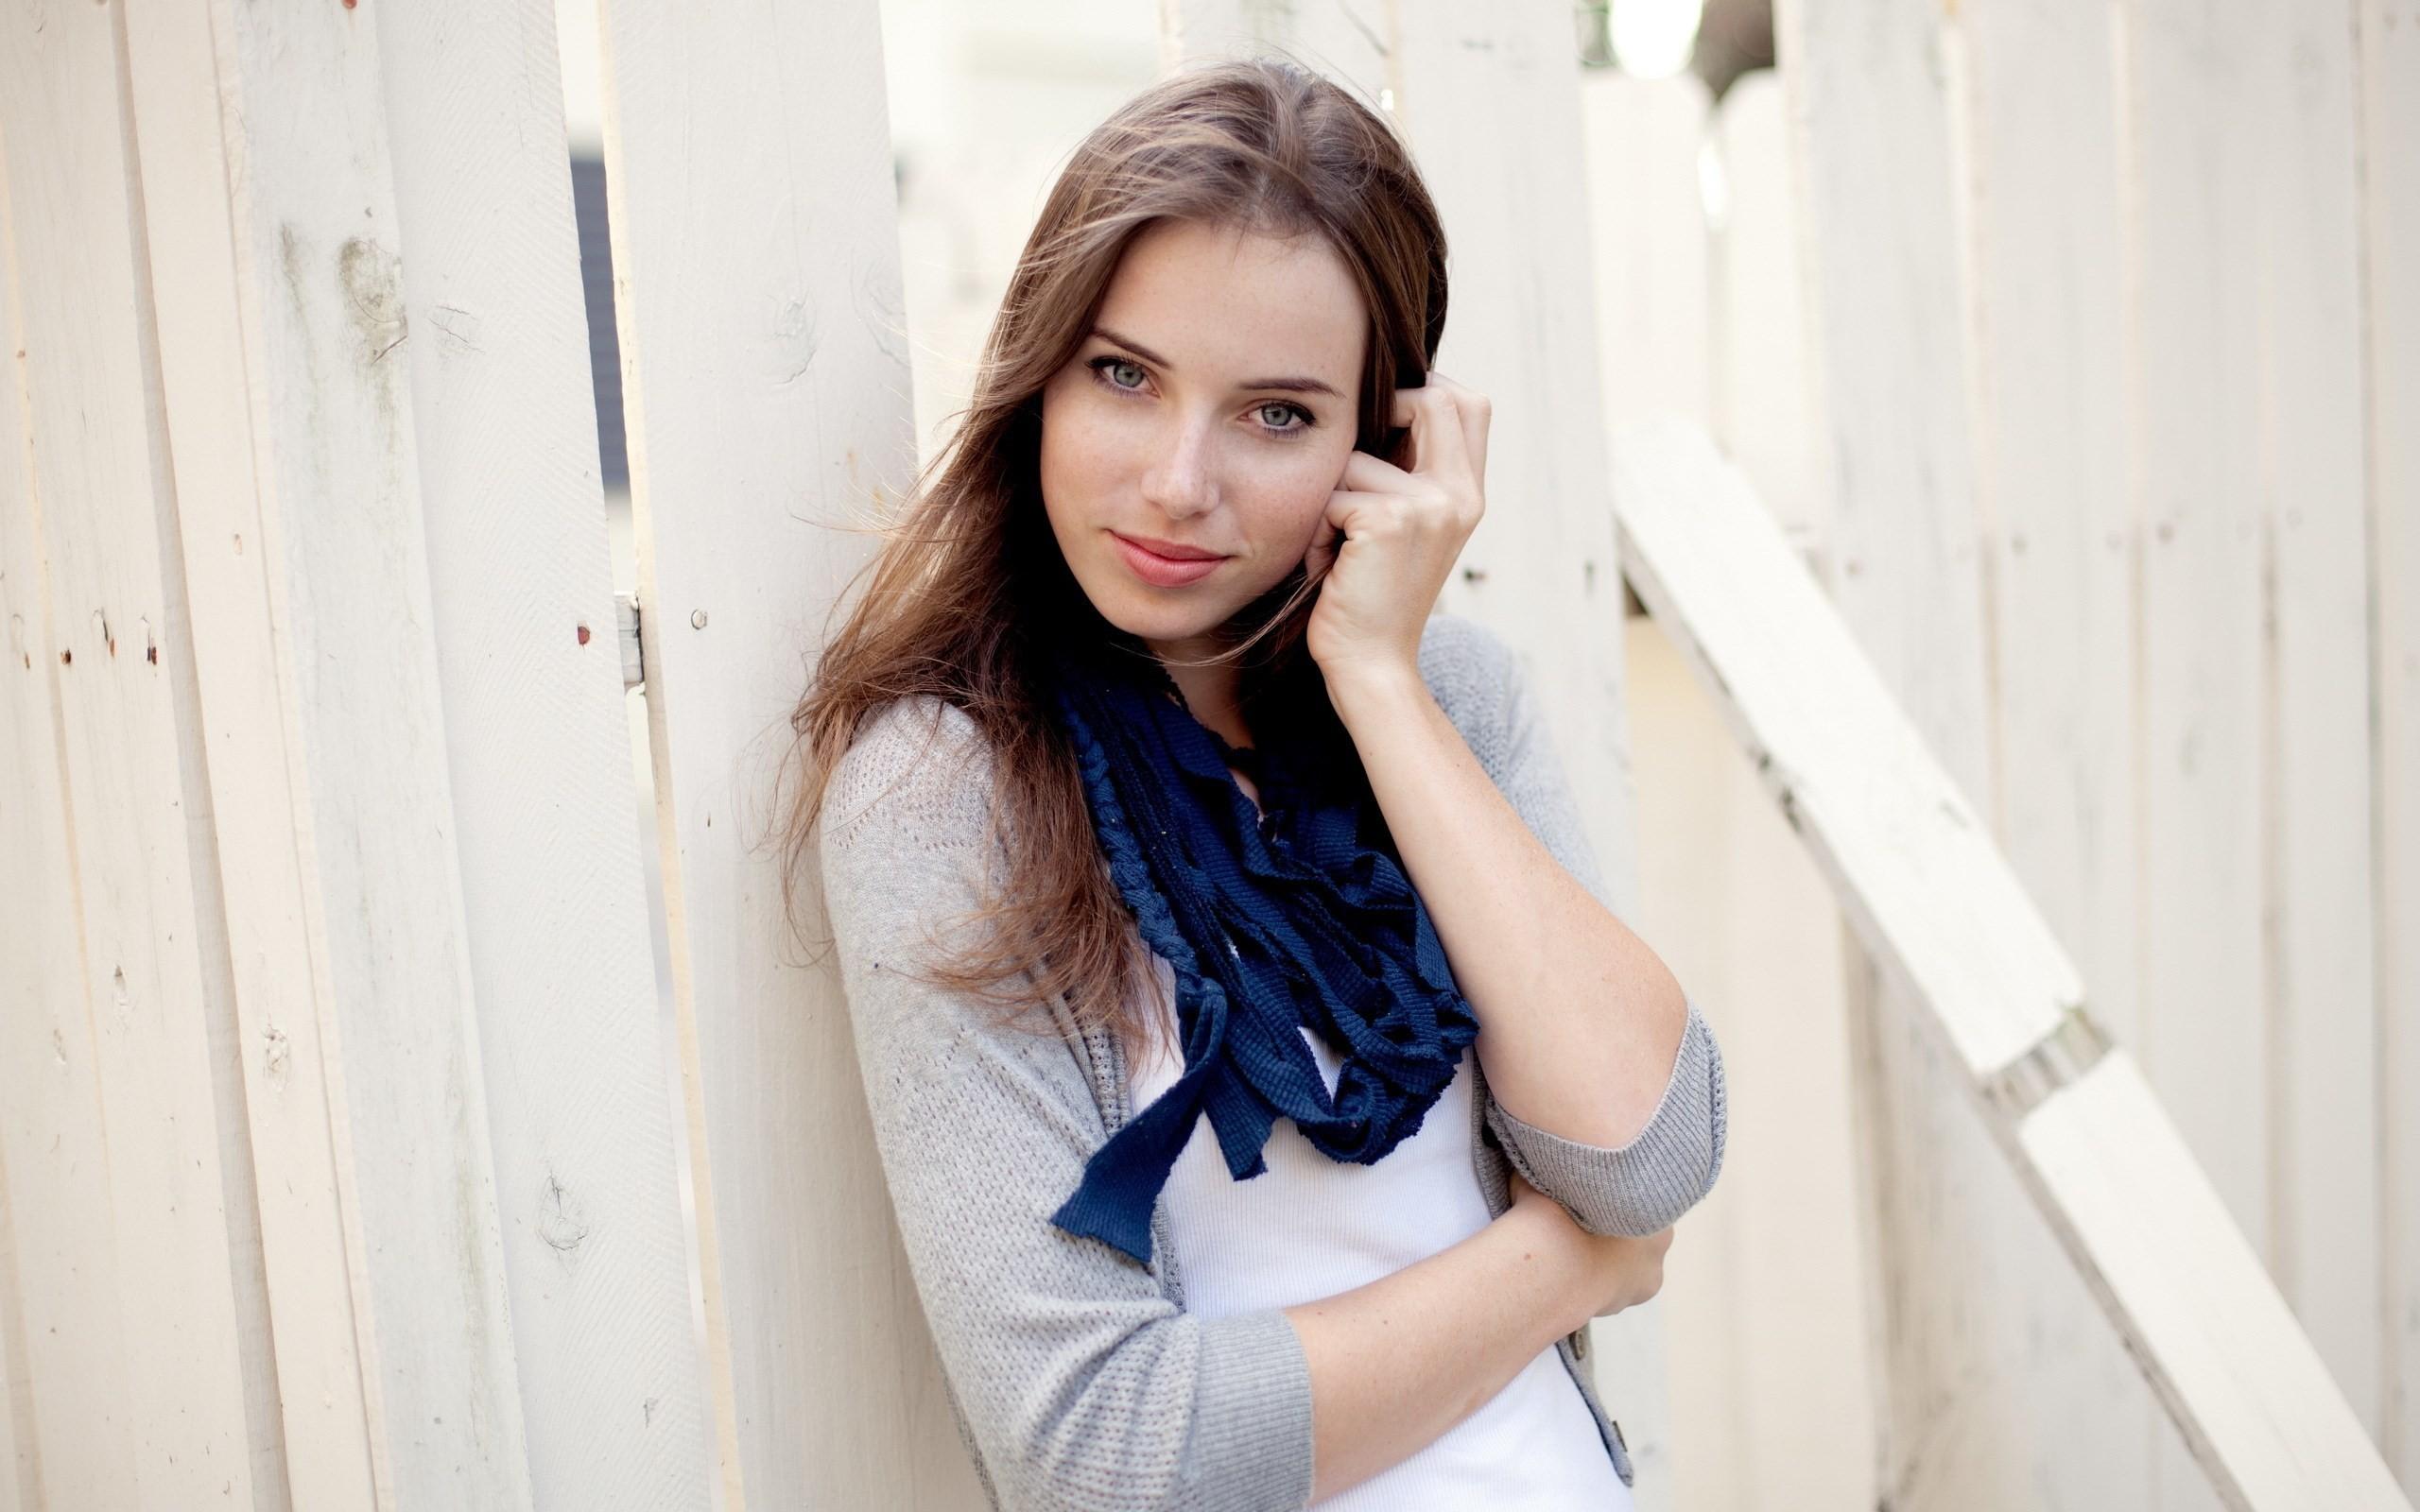 Linda chica de ojos azules - 2560x1600